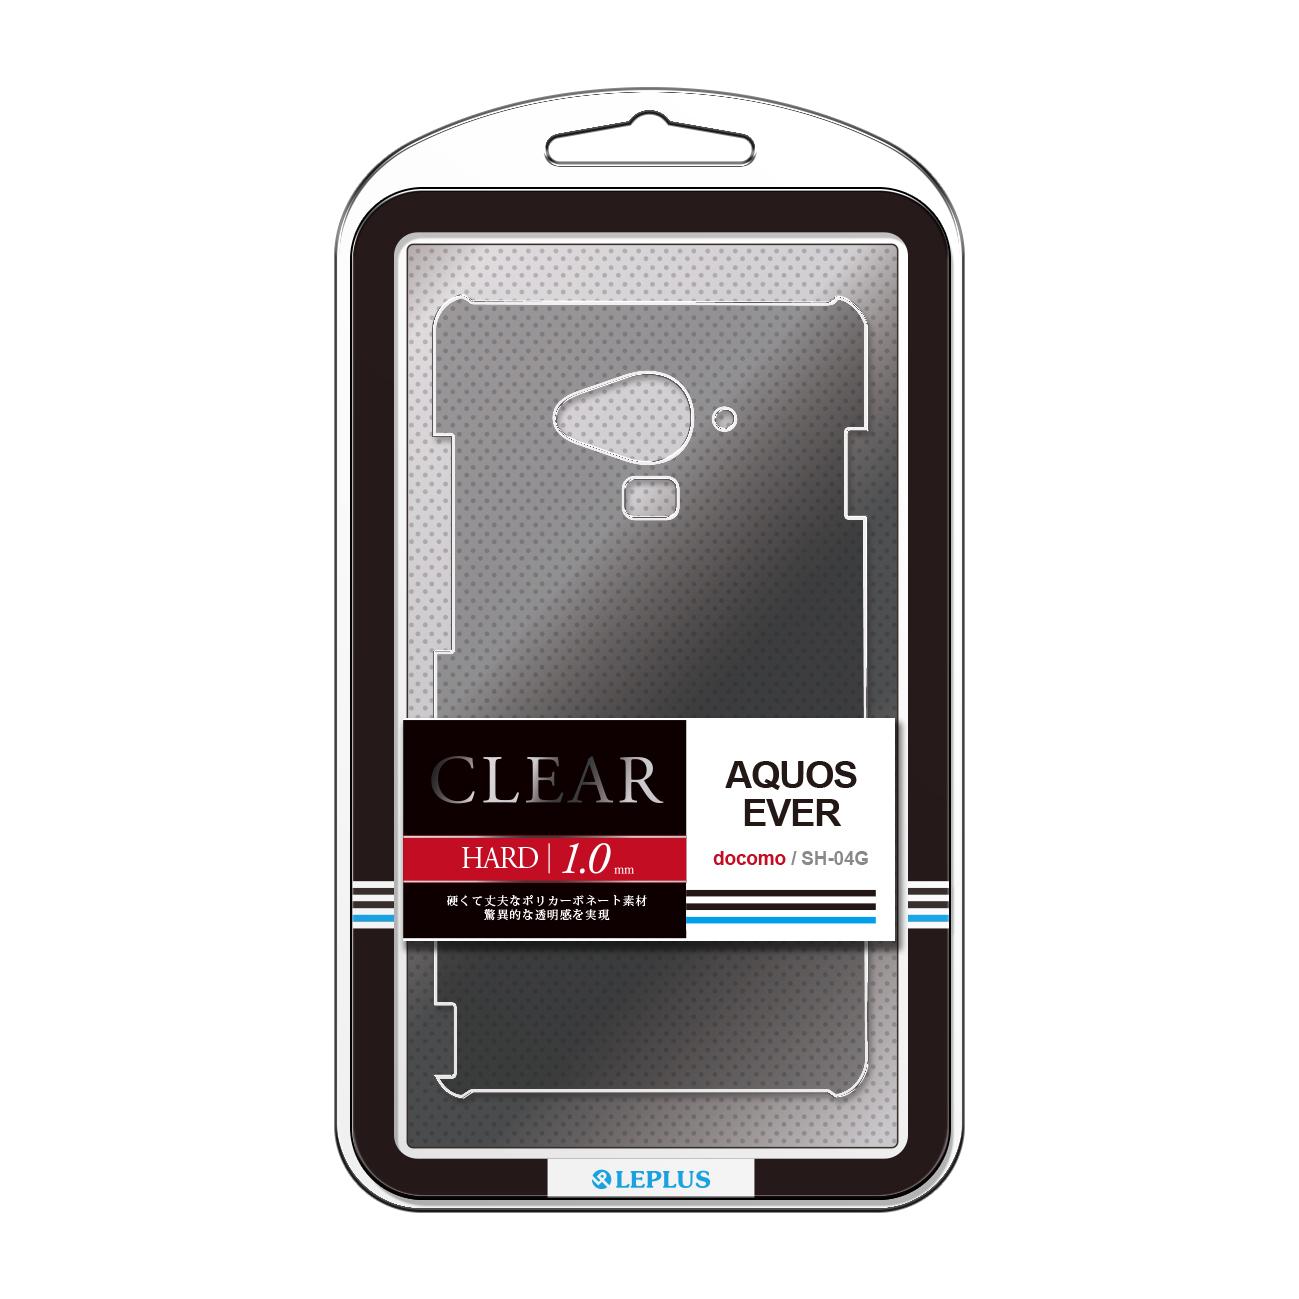 AQUOS EVER SH-04G ハードケース 「CLEAR HARD」 クリアブラック